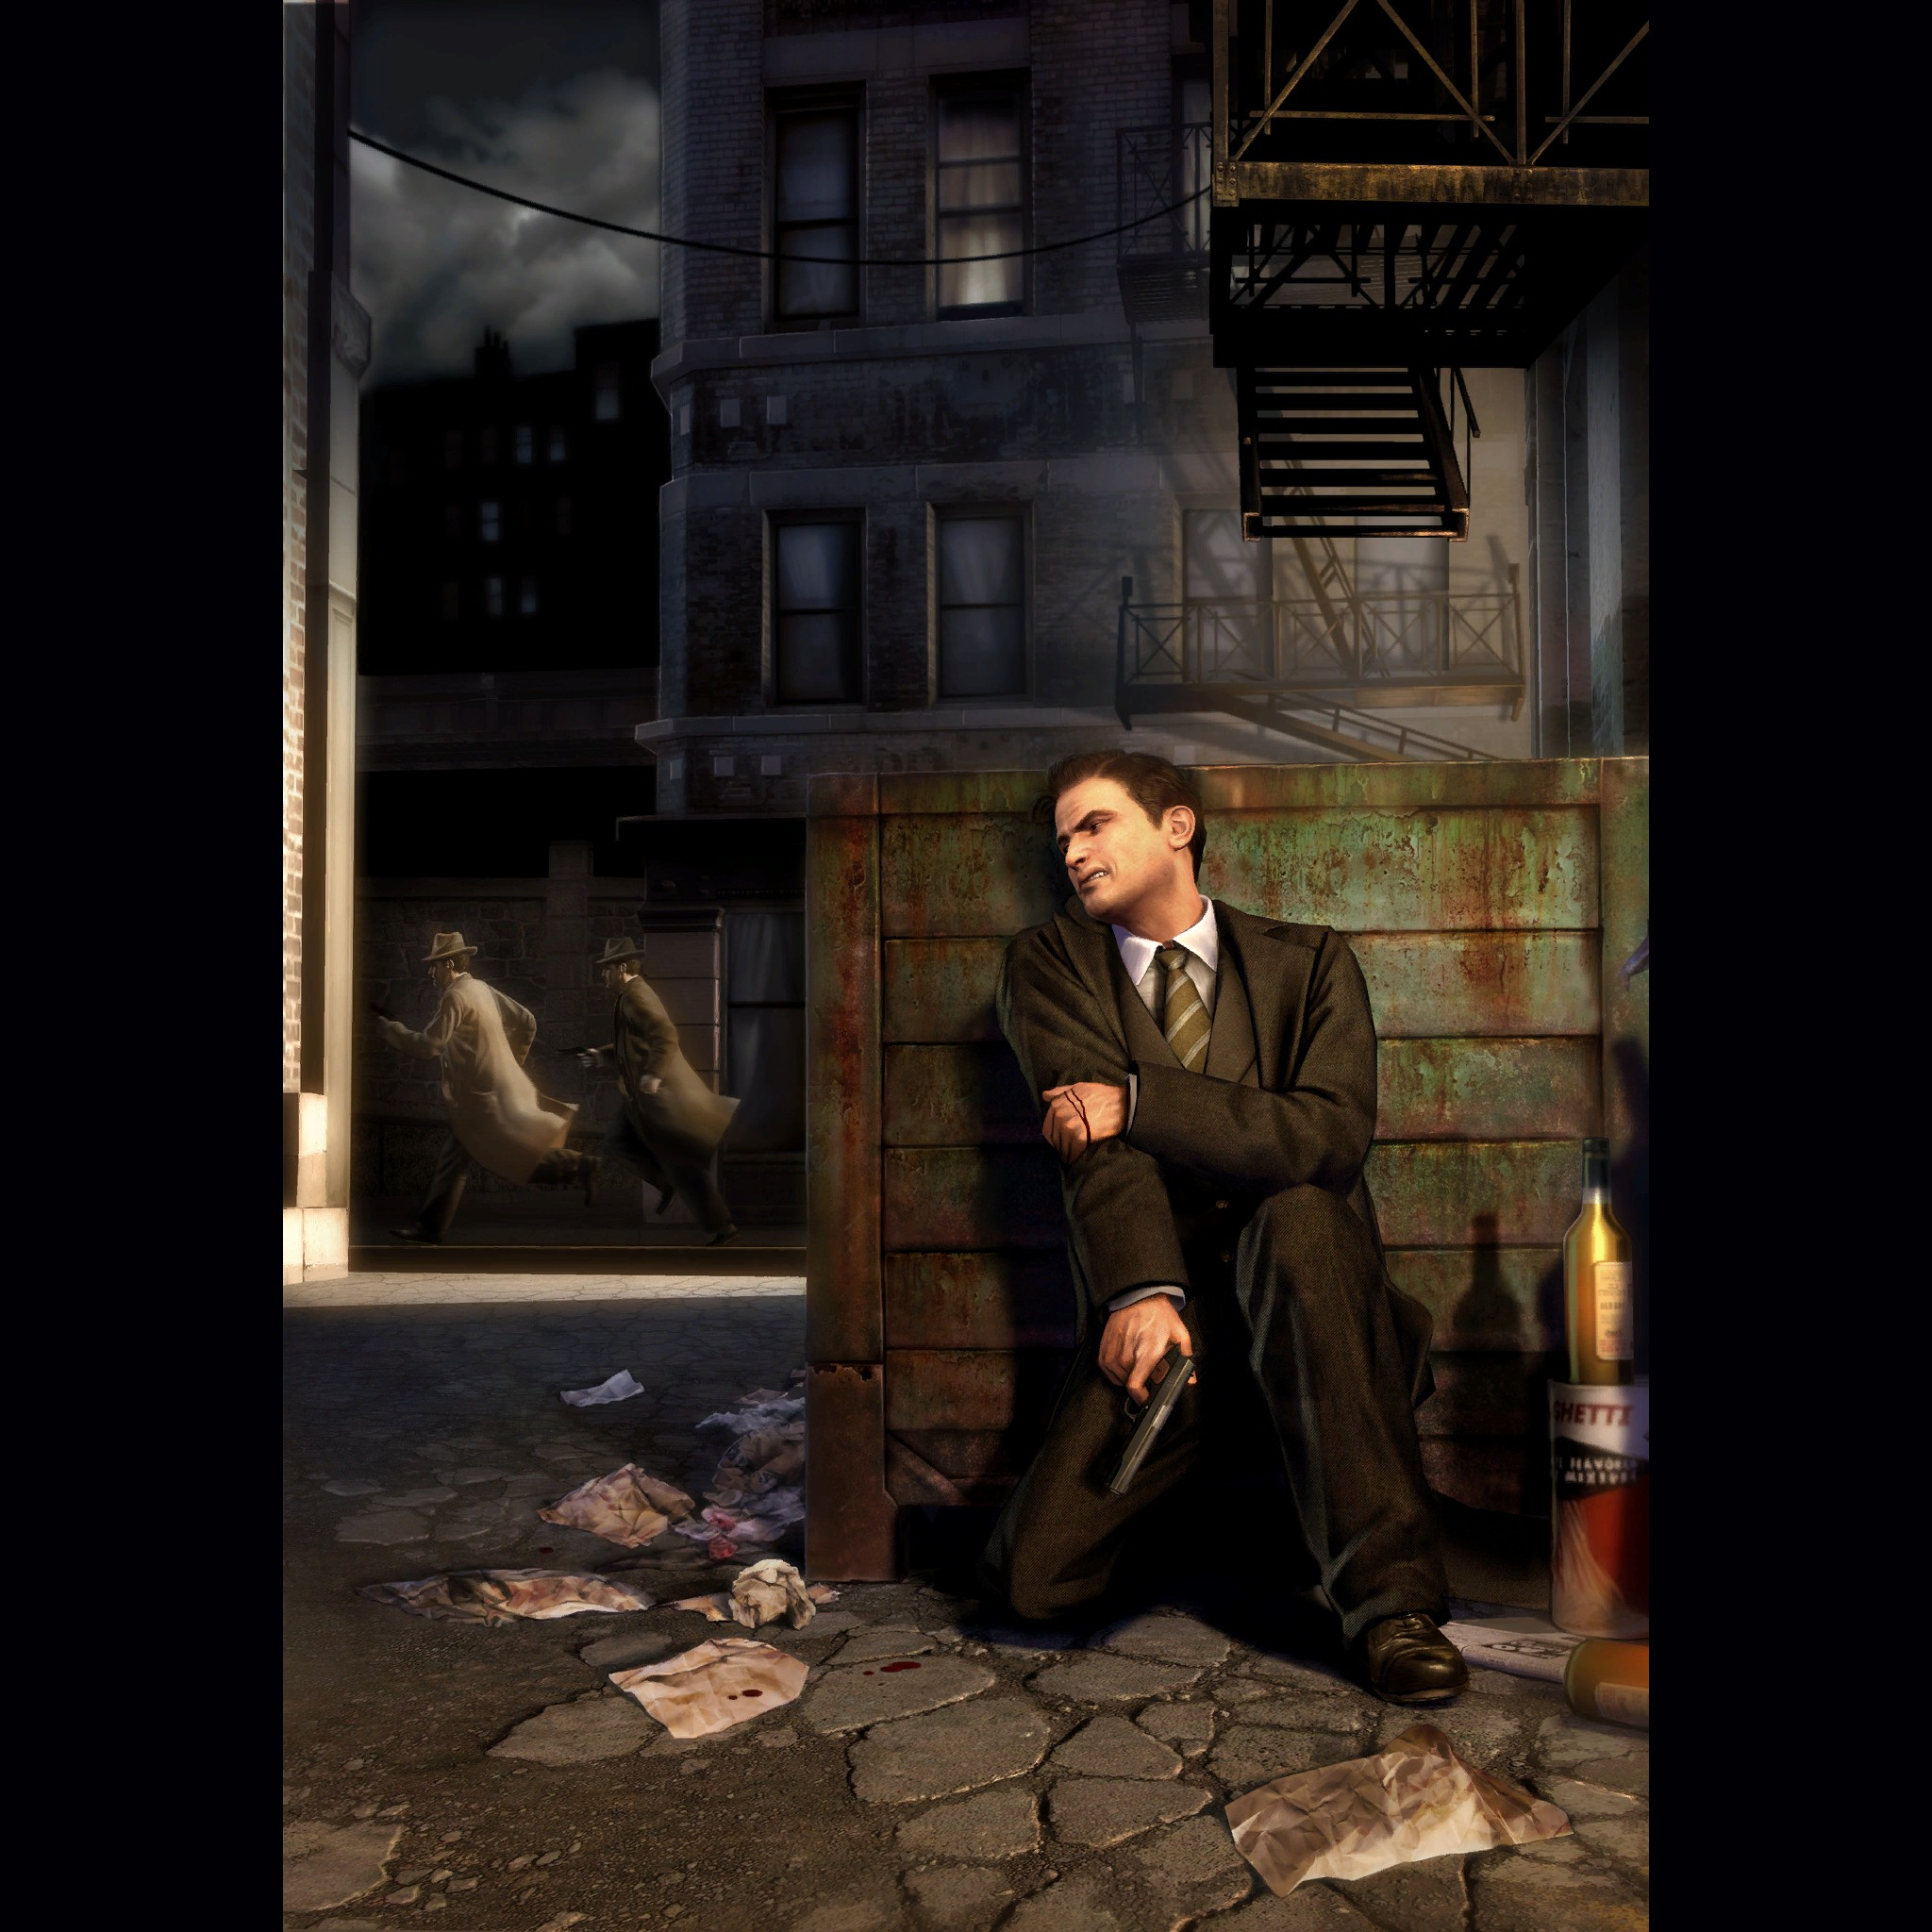 Všechny Artworky Plakáty A Mapky Z Plné Hry Mafia Mafia